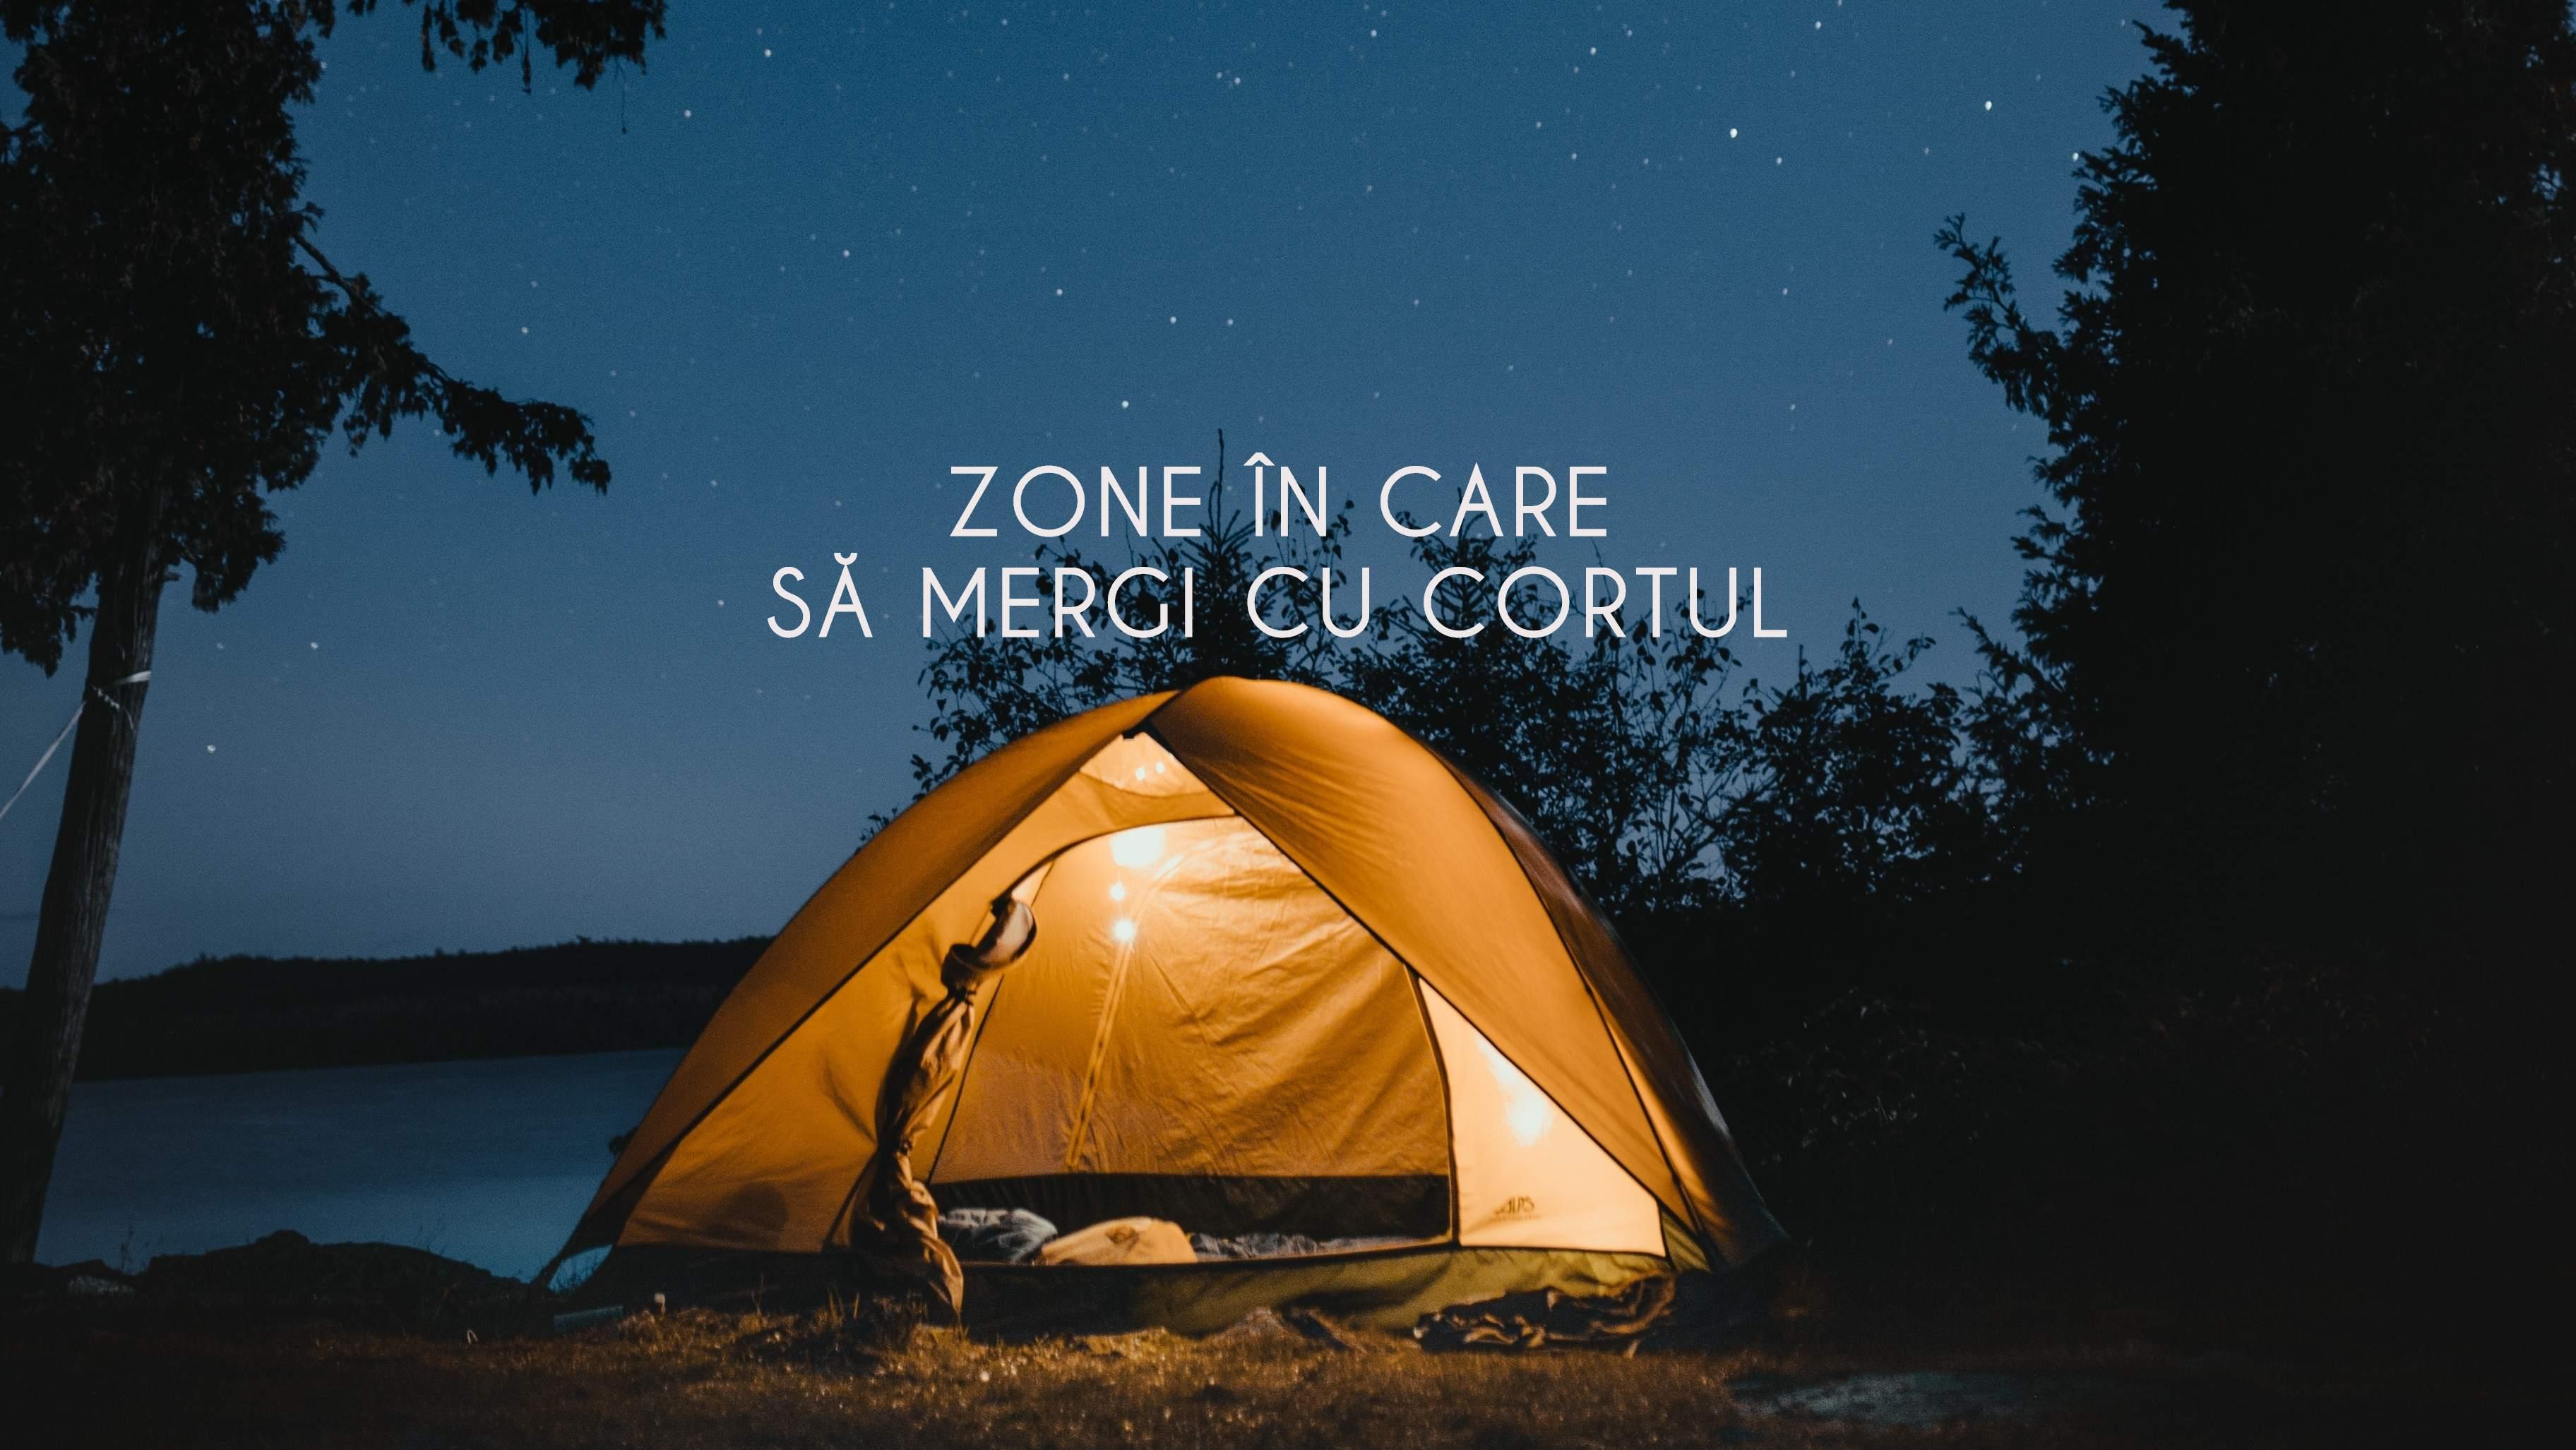 5 zone unde să mergi cu cortul în apropiere de Cluj-Napoca